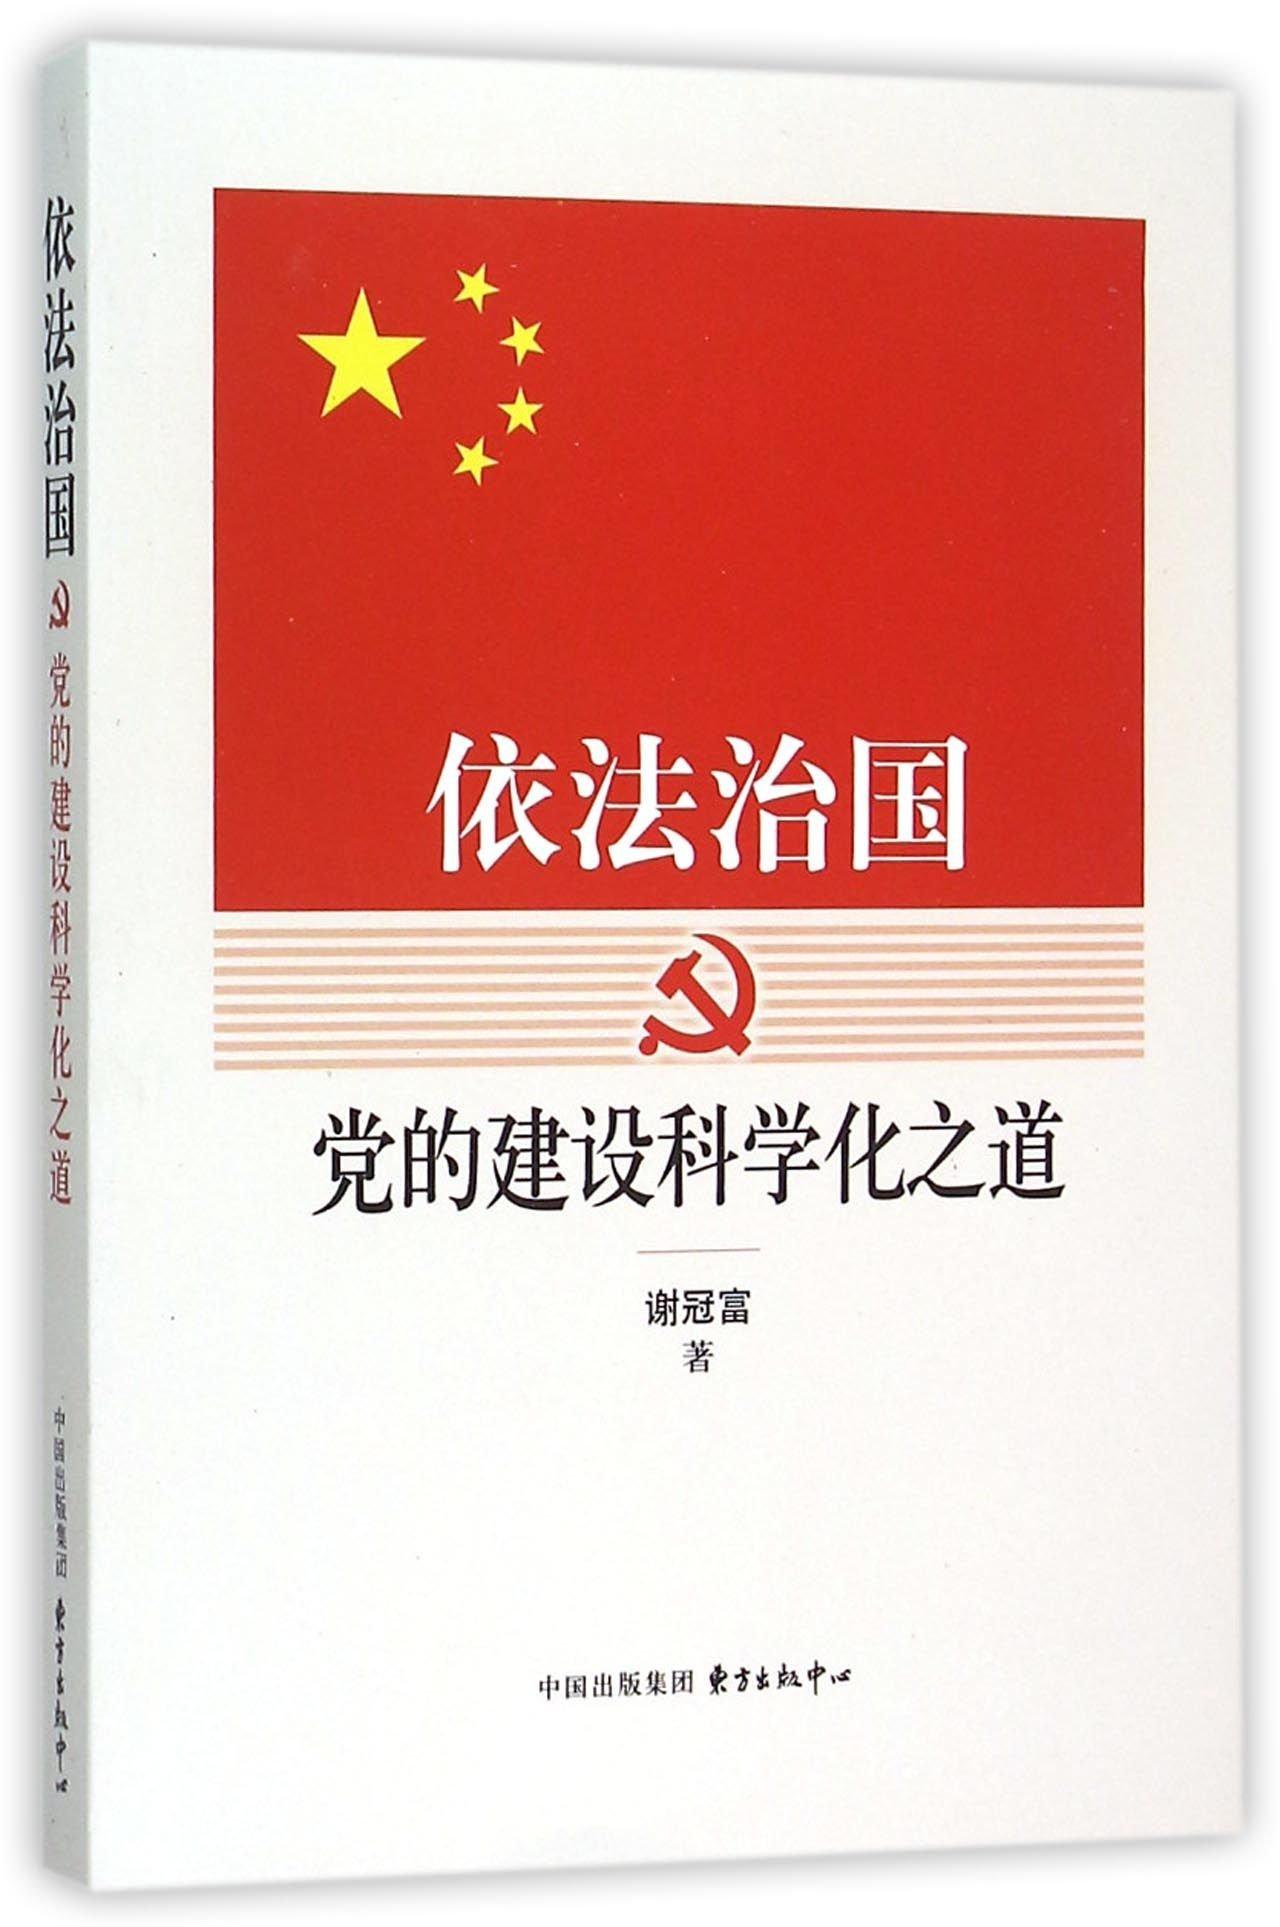 依法治国(党的建设科学化之道) PDF